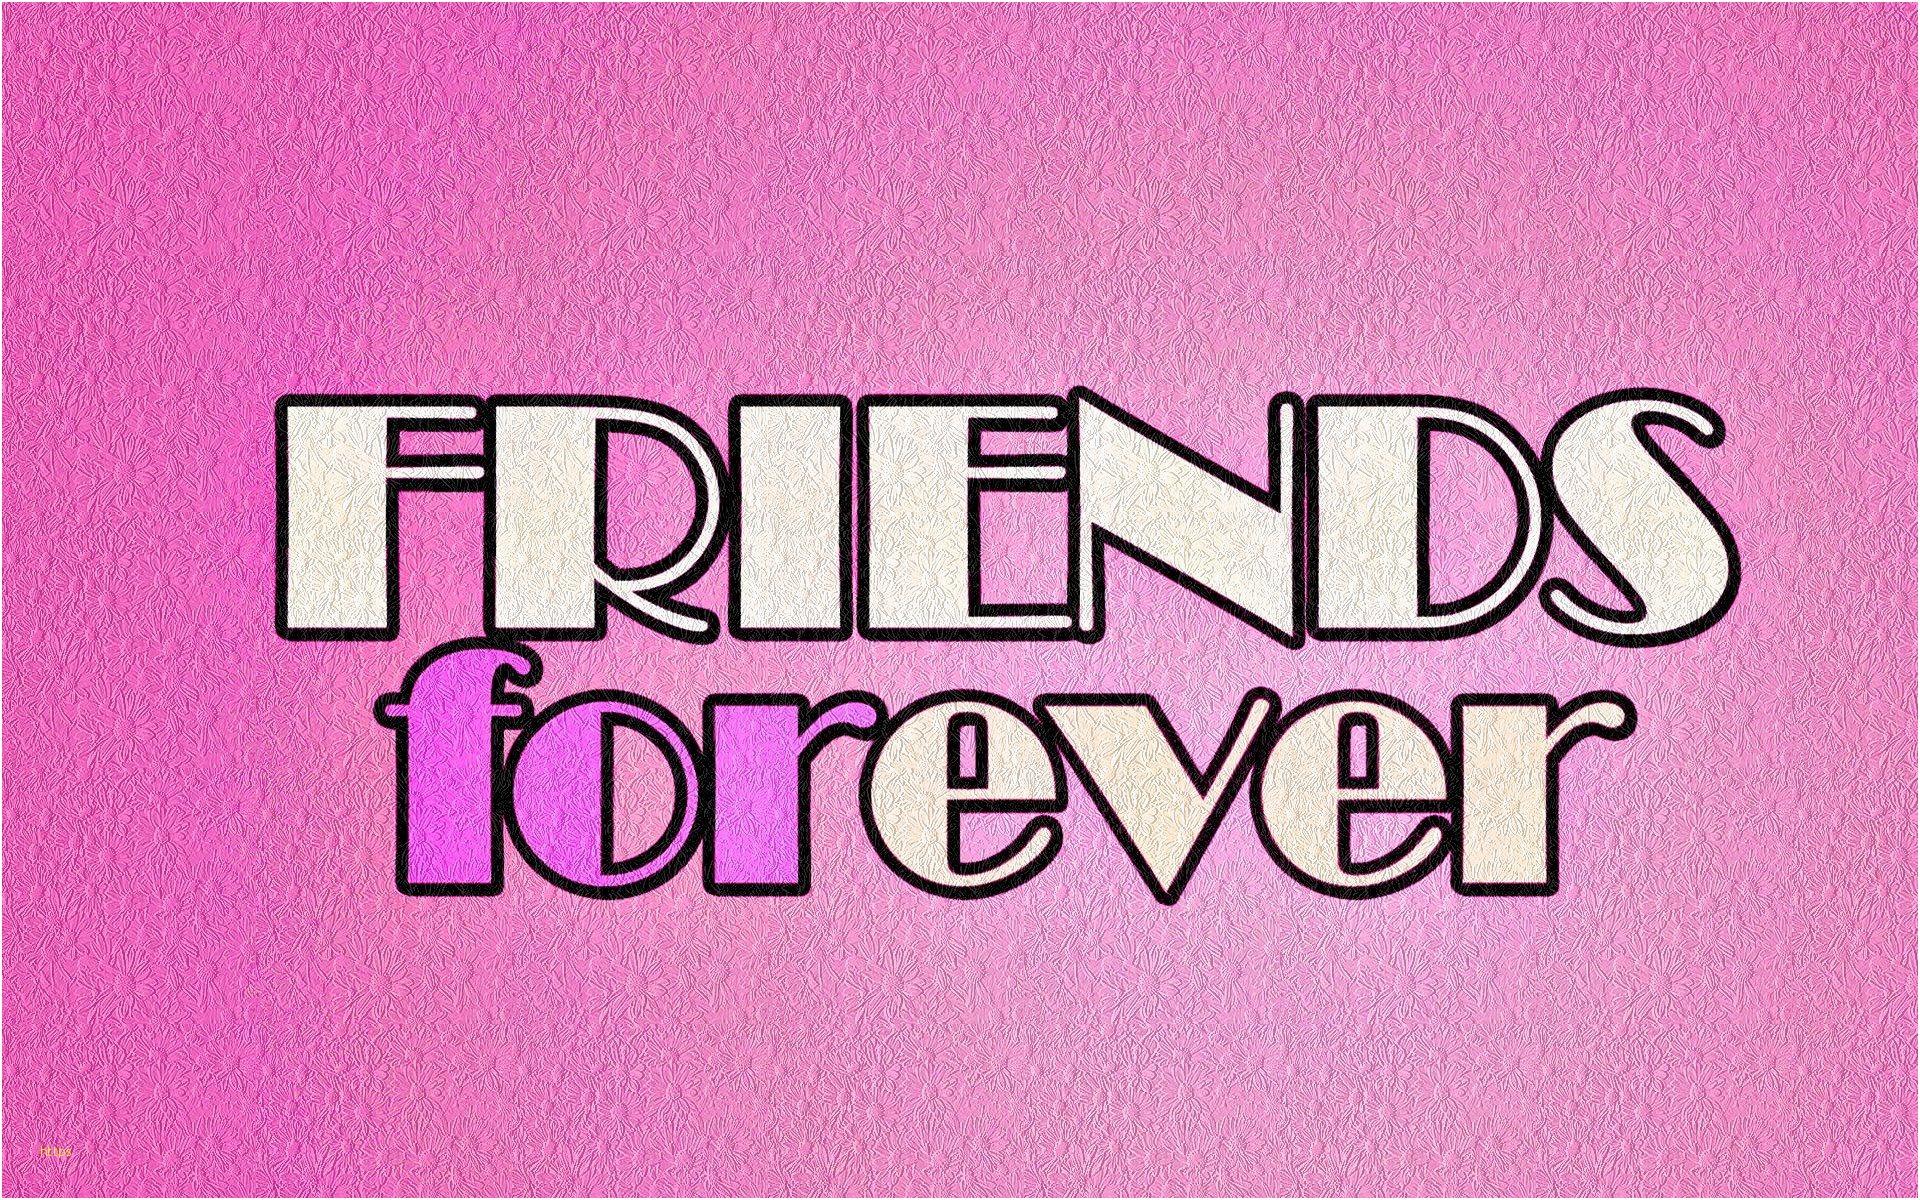 Best Friend Wallpapers Elegant Best Friend Forever - Friends Forever Logo Hd , HD Wallpaper & Backgrounds